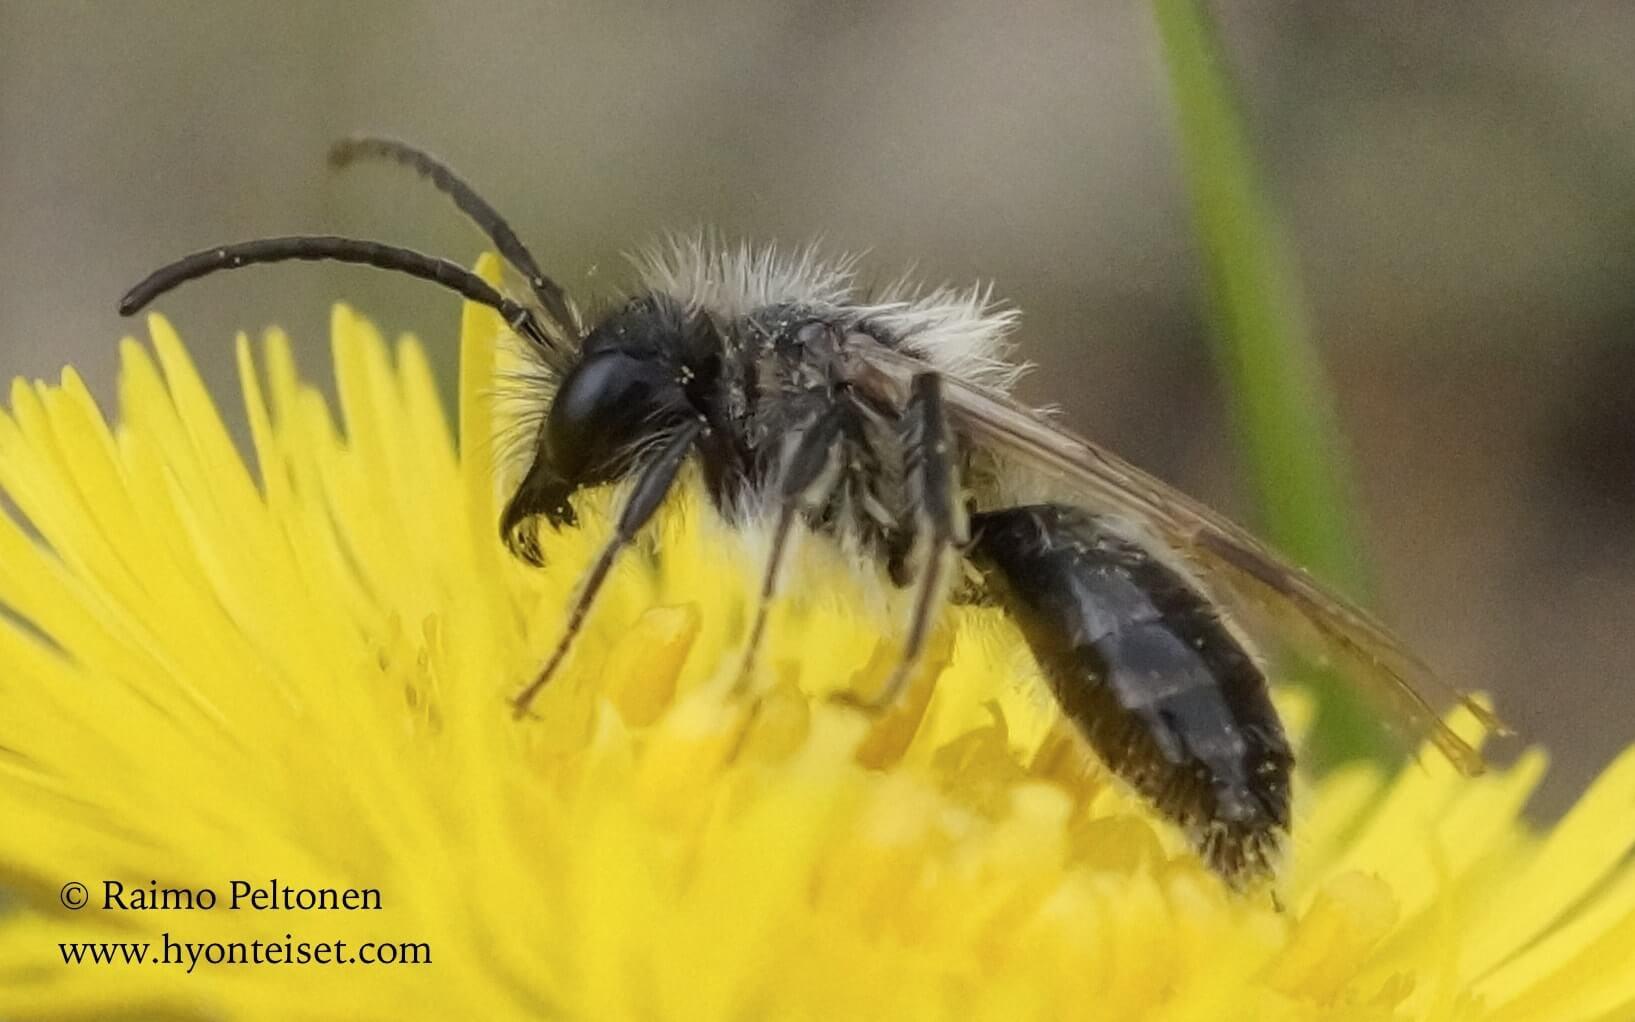 Andrena praecox-hammasmaamehiläinen, koiras (det. Juho Paukkunen)